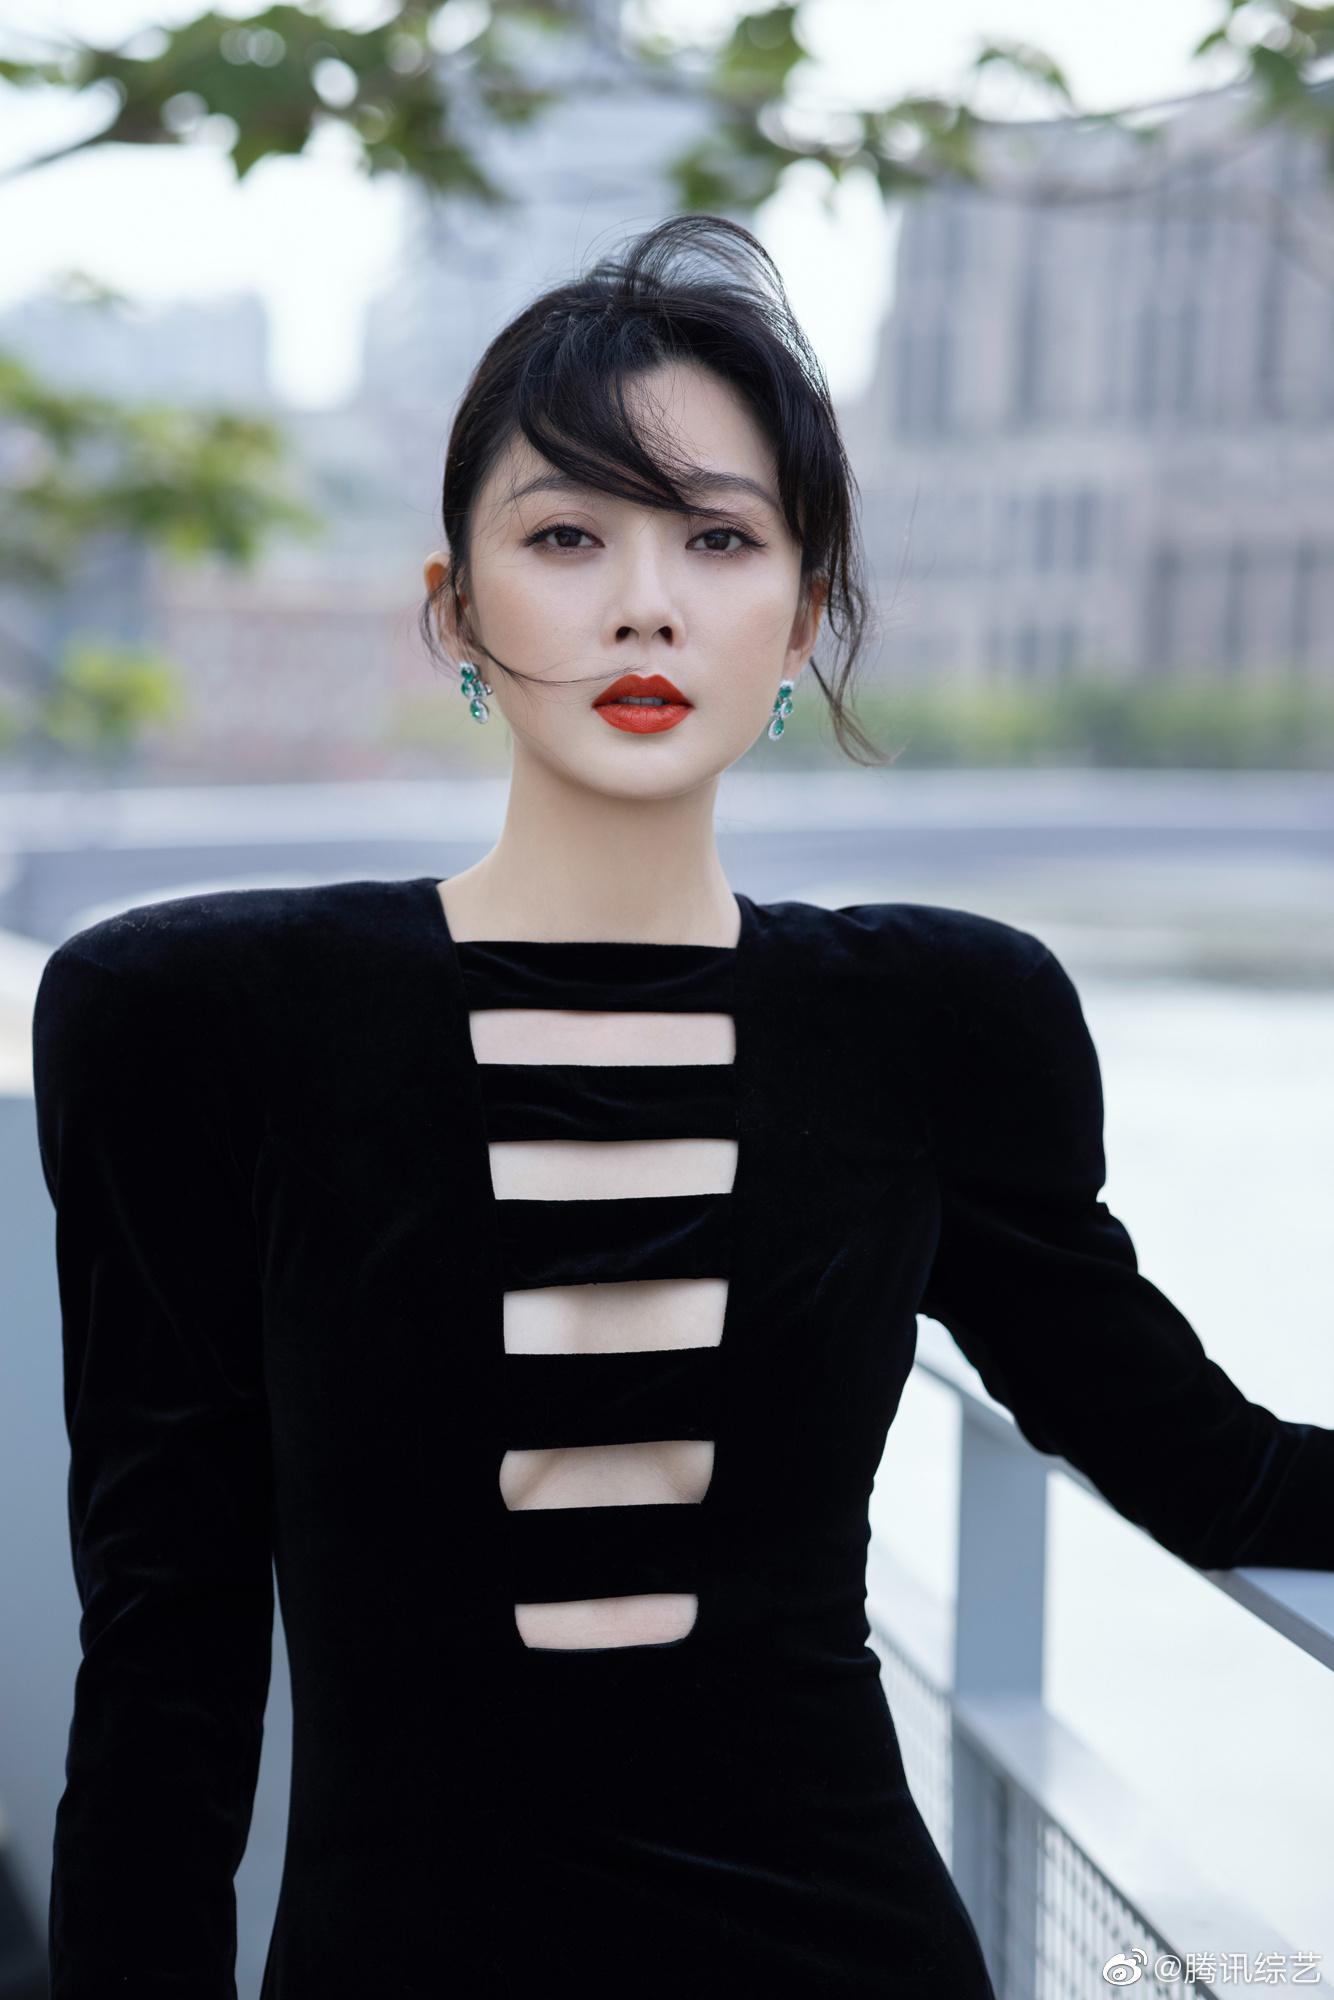 今日@殷桃 亮相上海国际电影节开幕式,黑色丝绒长裙大气优雅……